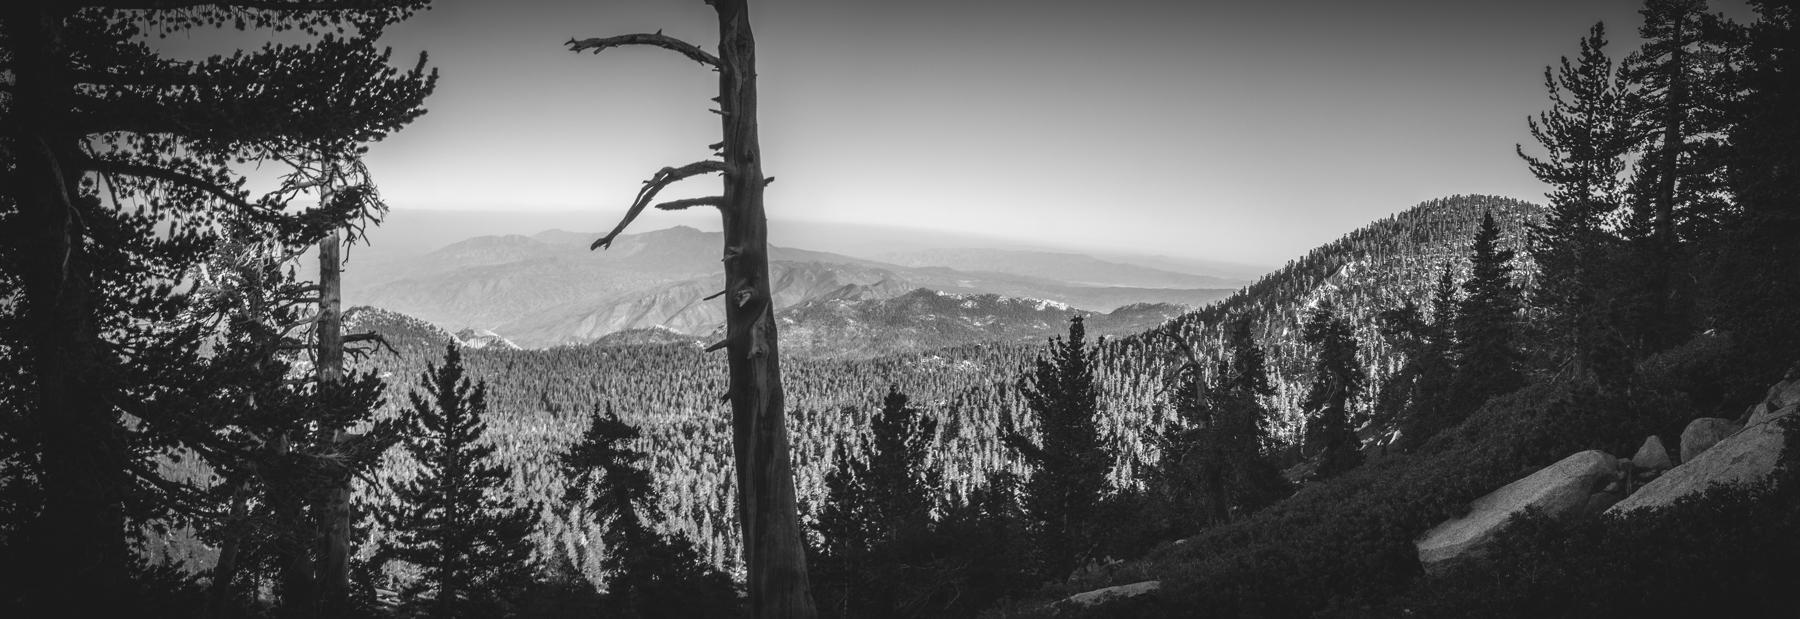 2017-07-02 San Jacinto Peak B (20 of 30).jpg